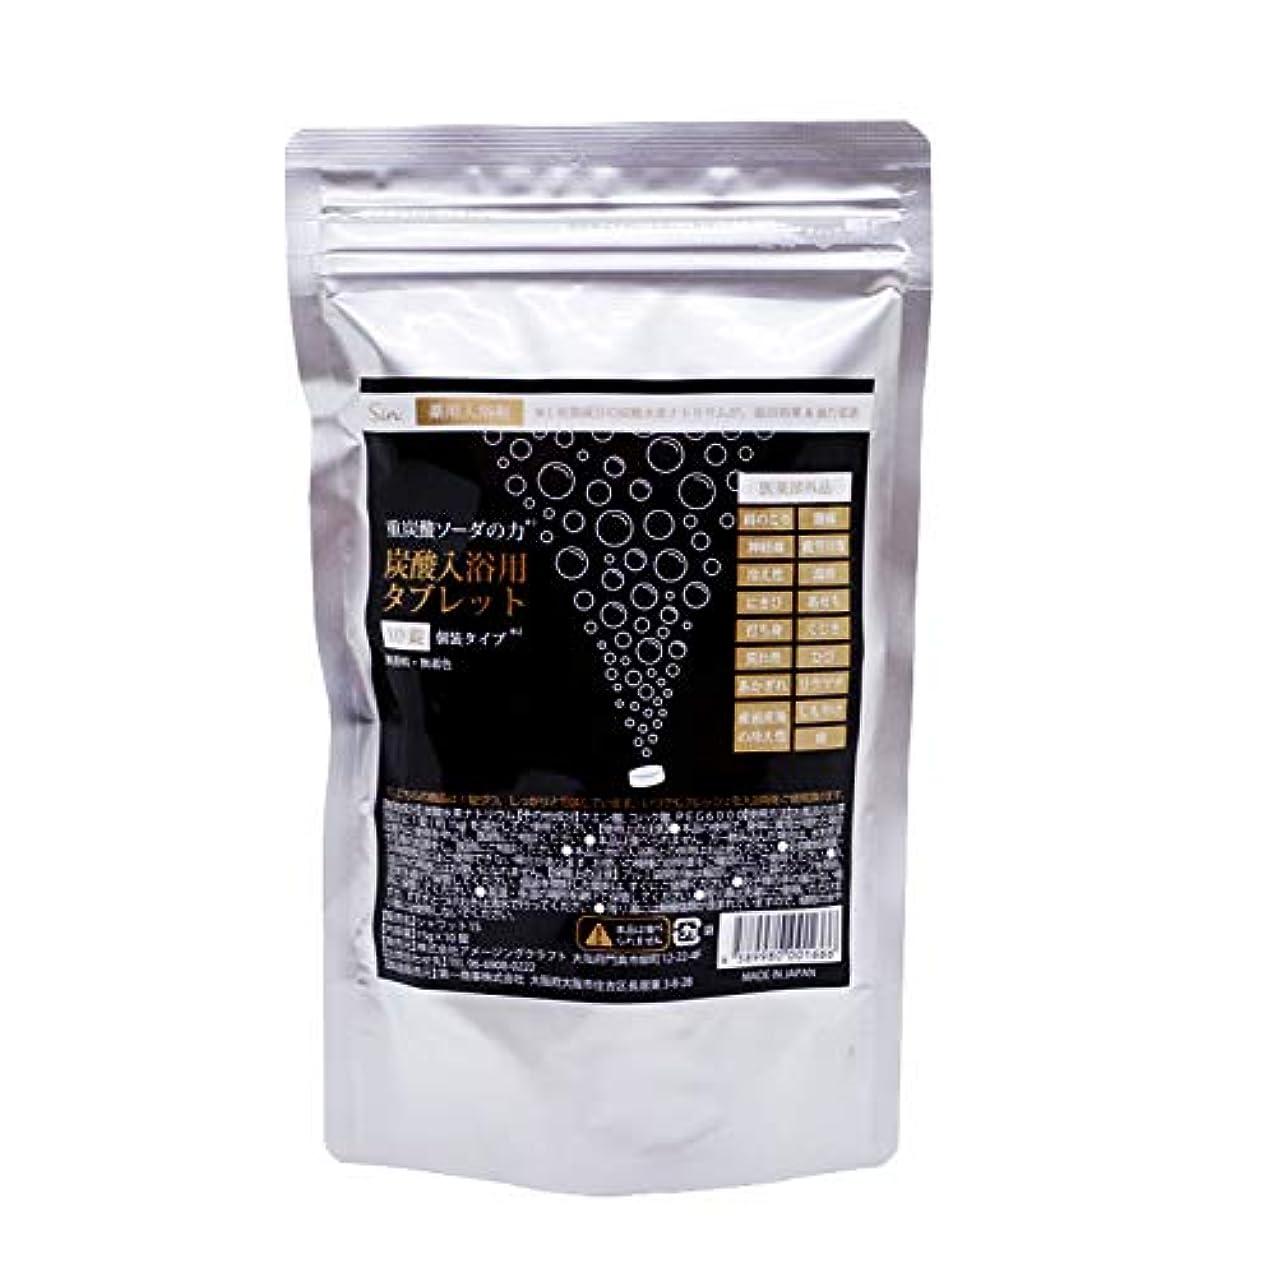 区別するフェローシップ縫うSin 薬用重炭酸入浴剤タブレット 15g×10錠 バリア個装タイプ 無添加 医薬部外品